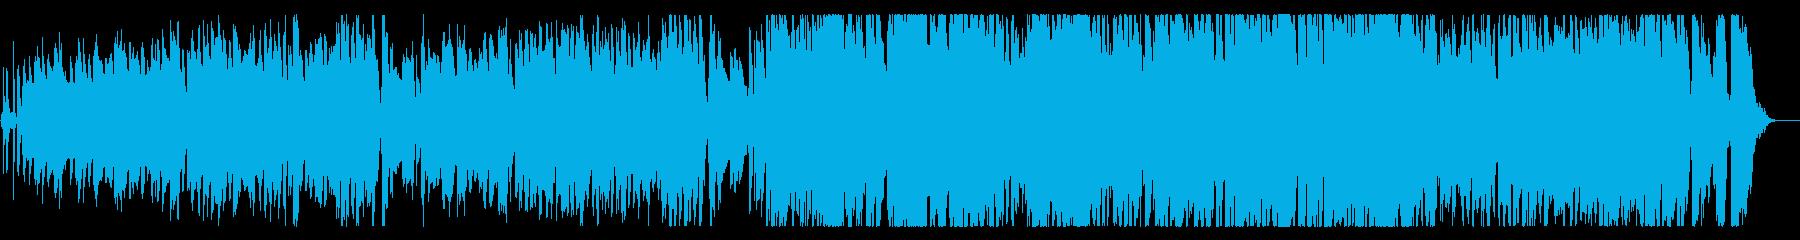 ジャズPOPS くるくる♪うきうき♪の再生済みの波形